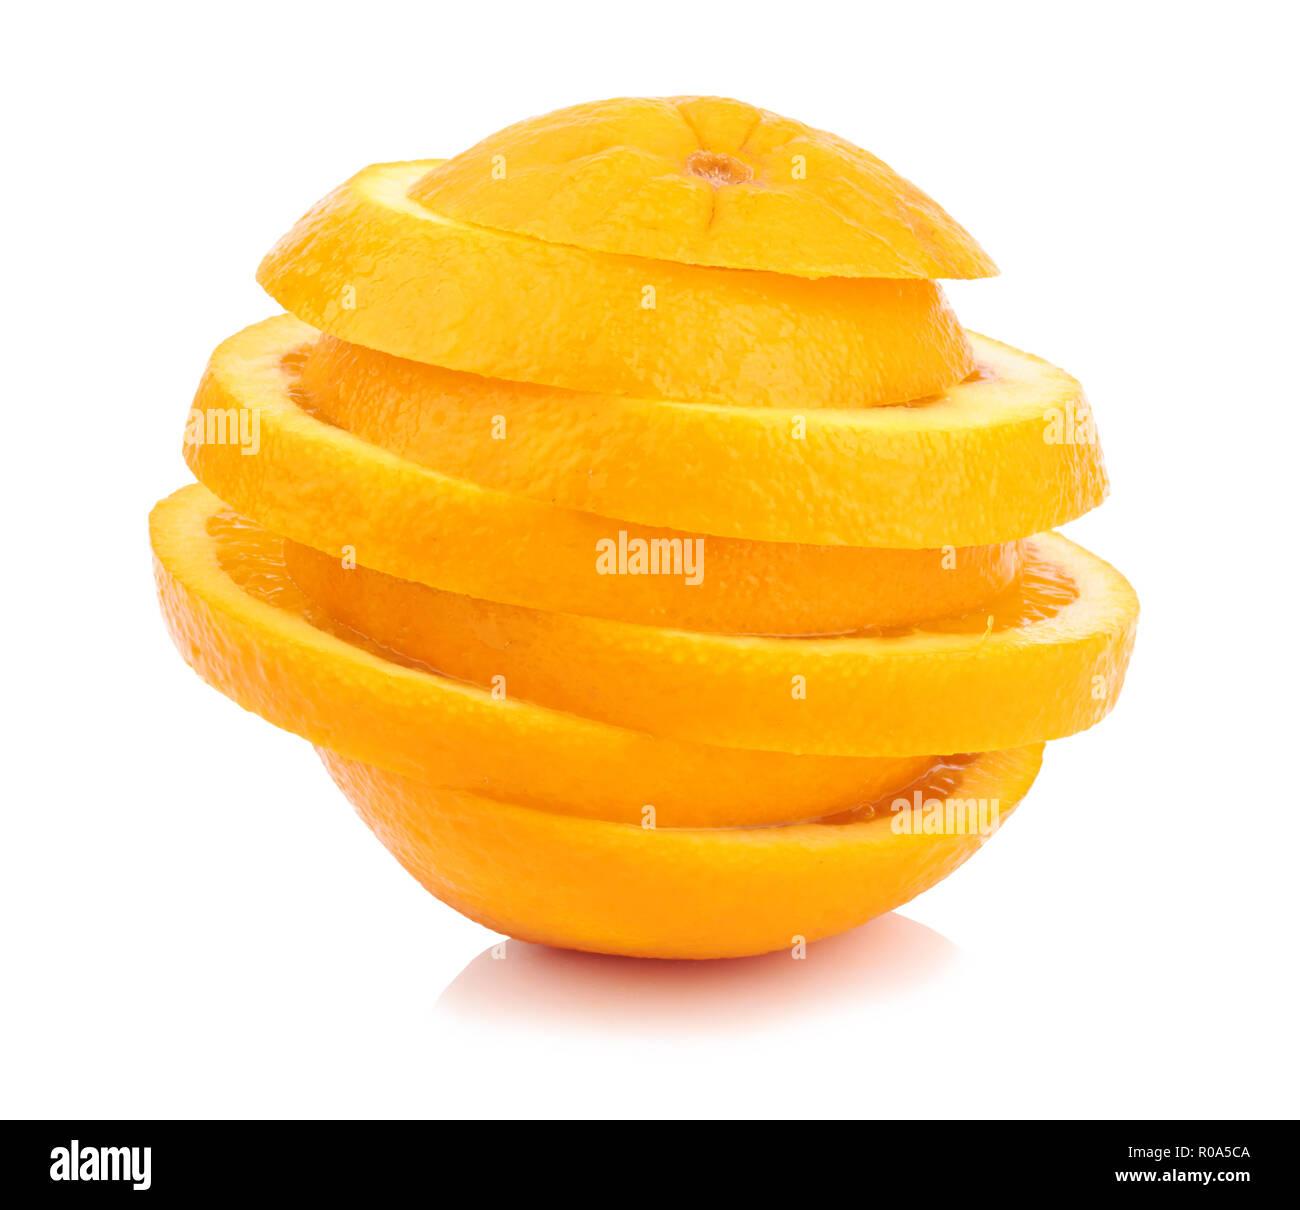 chopped orange slices isolated on white background - Stock Image